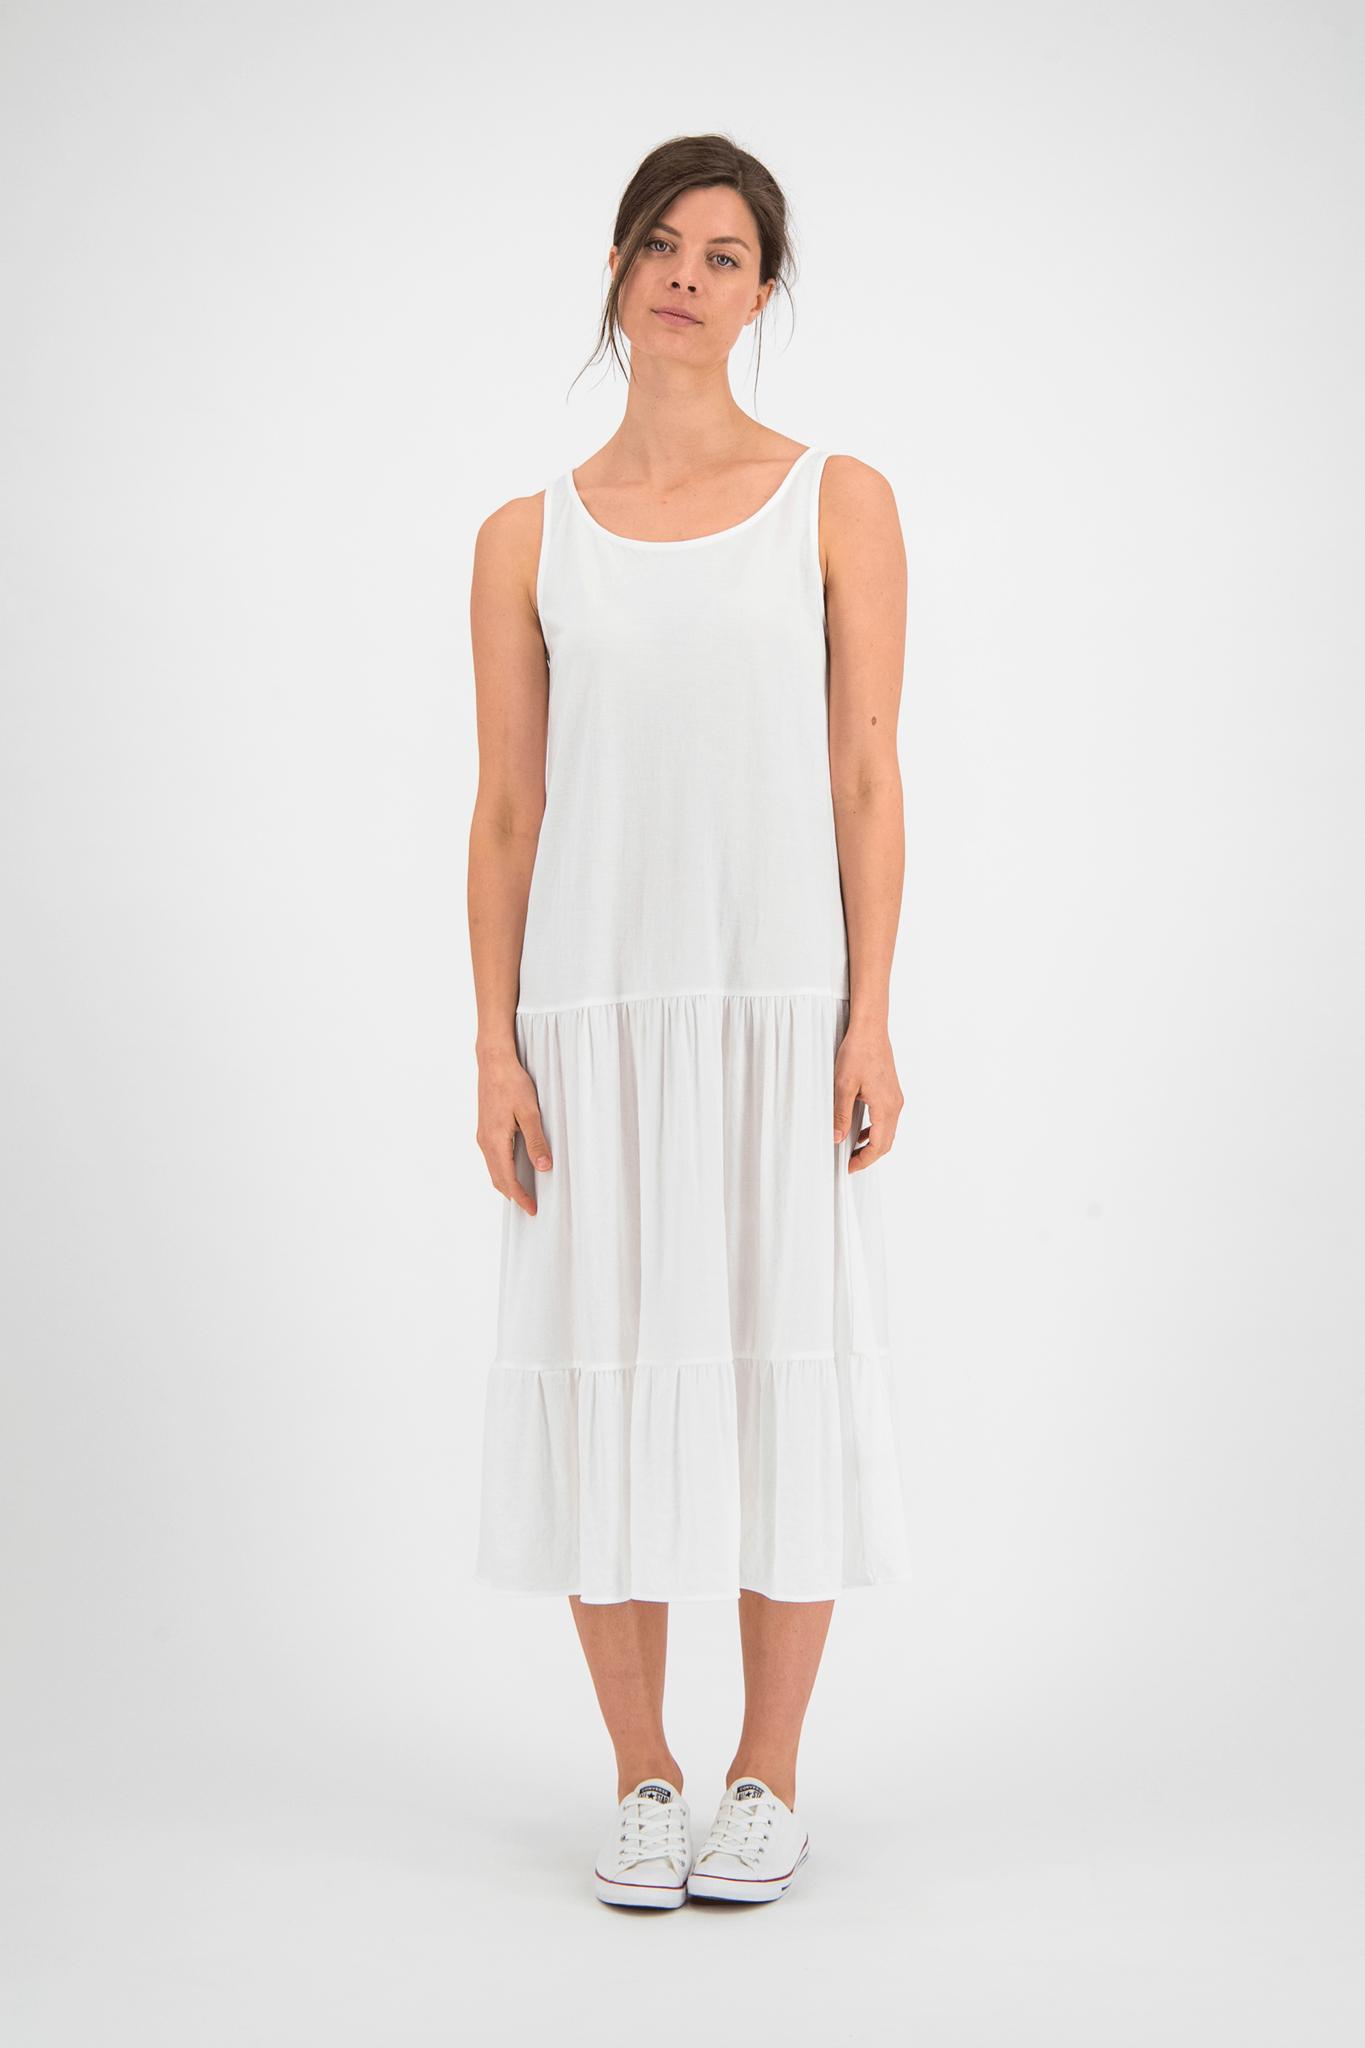 SYLVER Crêpe Stretch Dress - Off white